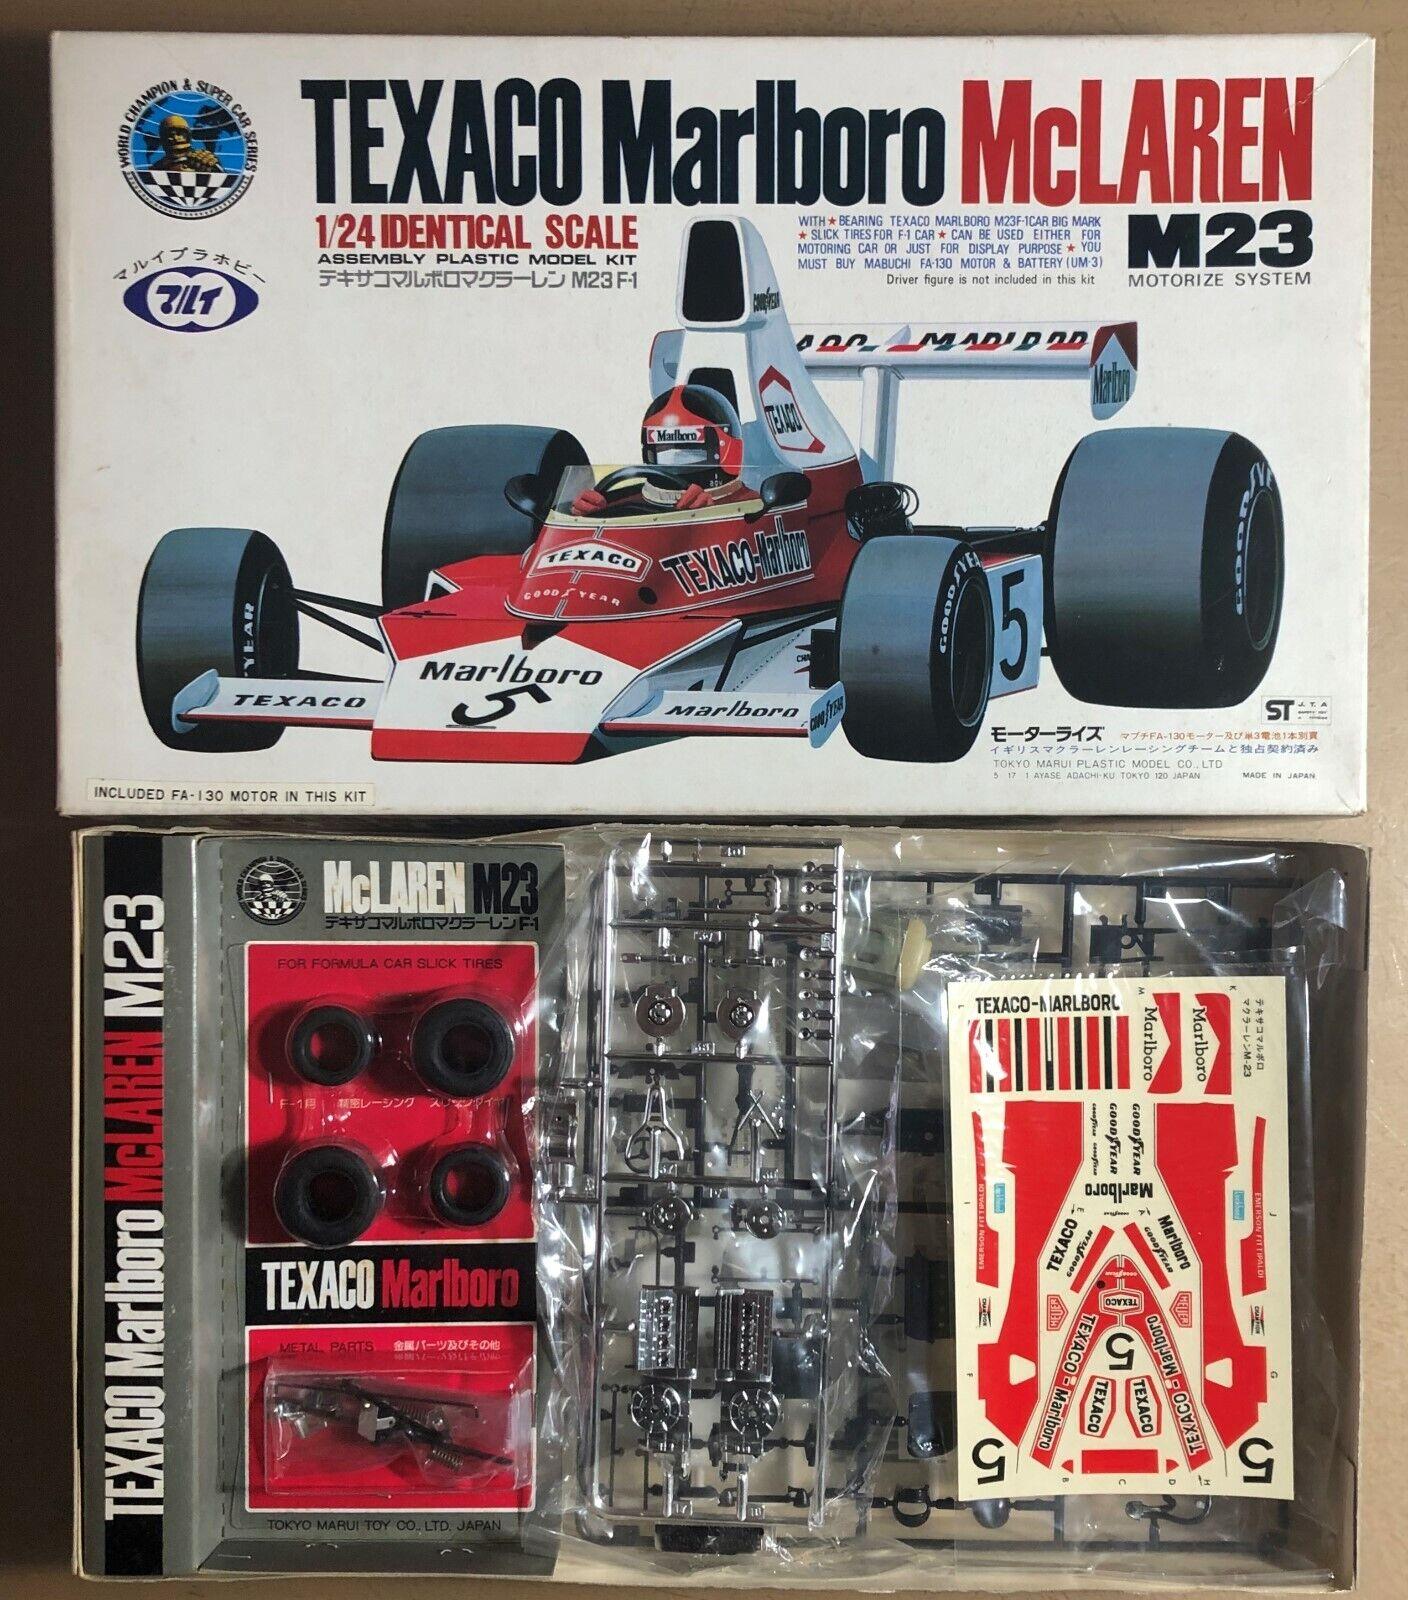 TOKIO TOKIO TOKIO MARUI MODEL TILT MT51-WS02-600 - TEXACO MARLBgold McLAREN M23 - 1 24 KIT 7b5235